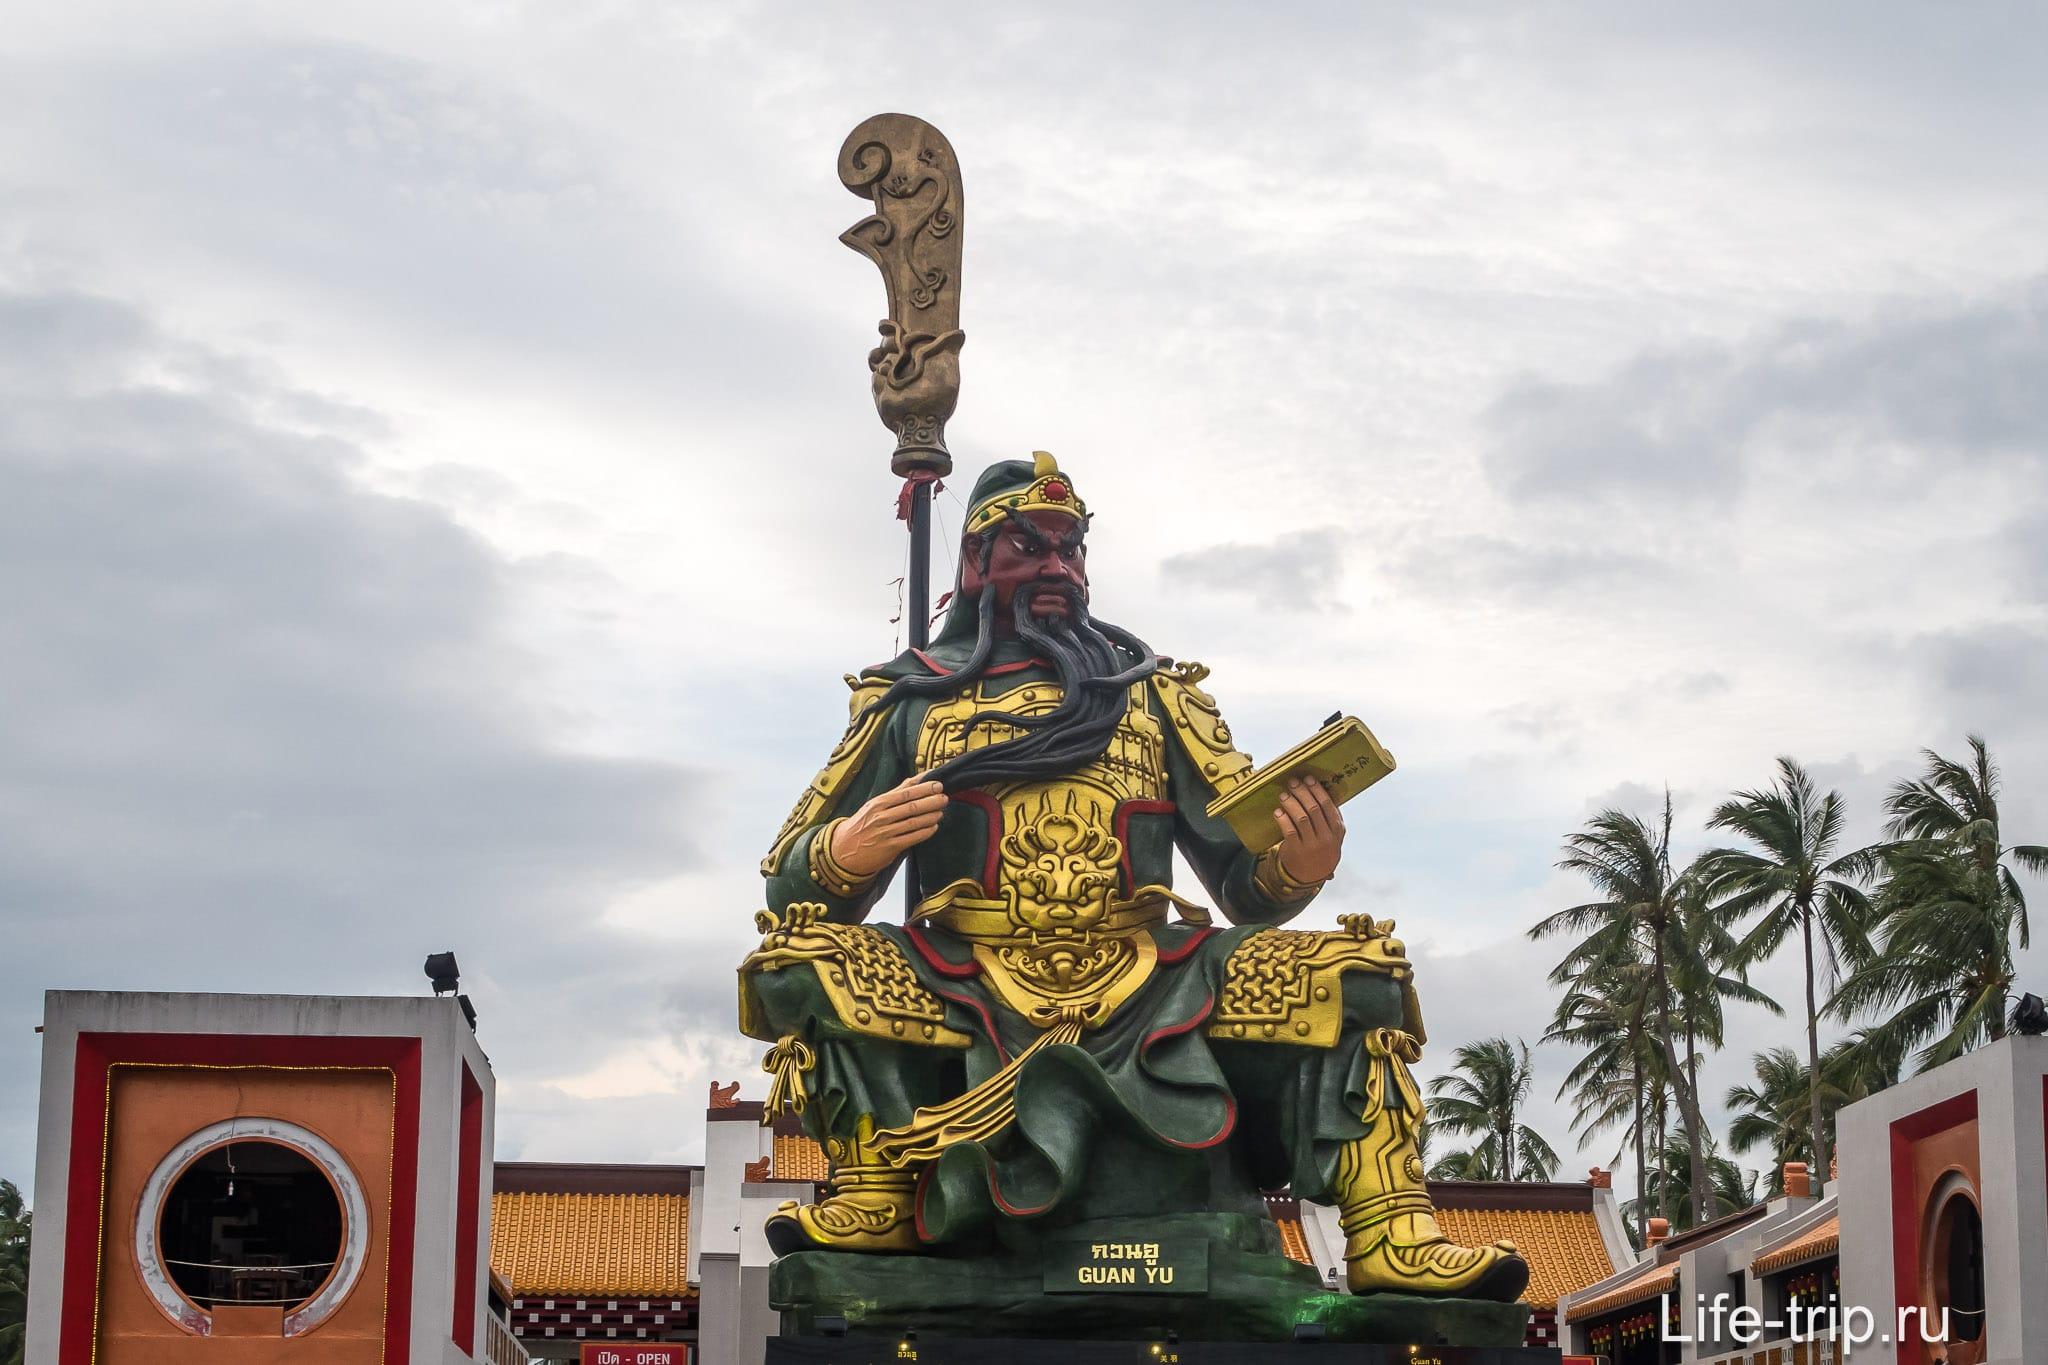 Краснолицый бог Гуань Юй, он же Гуань Ди